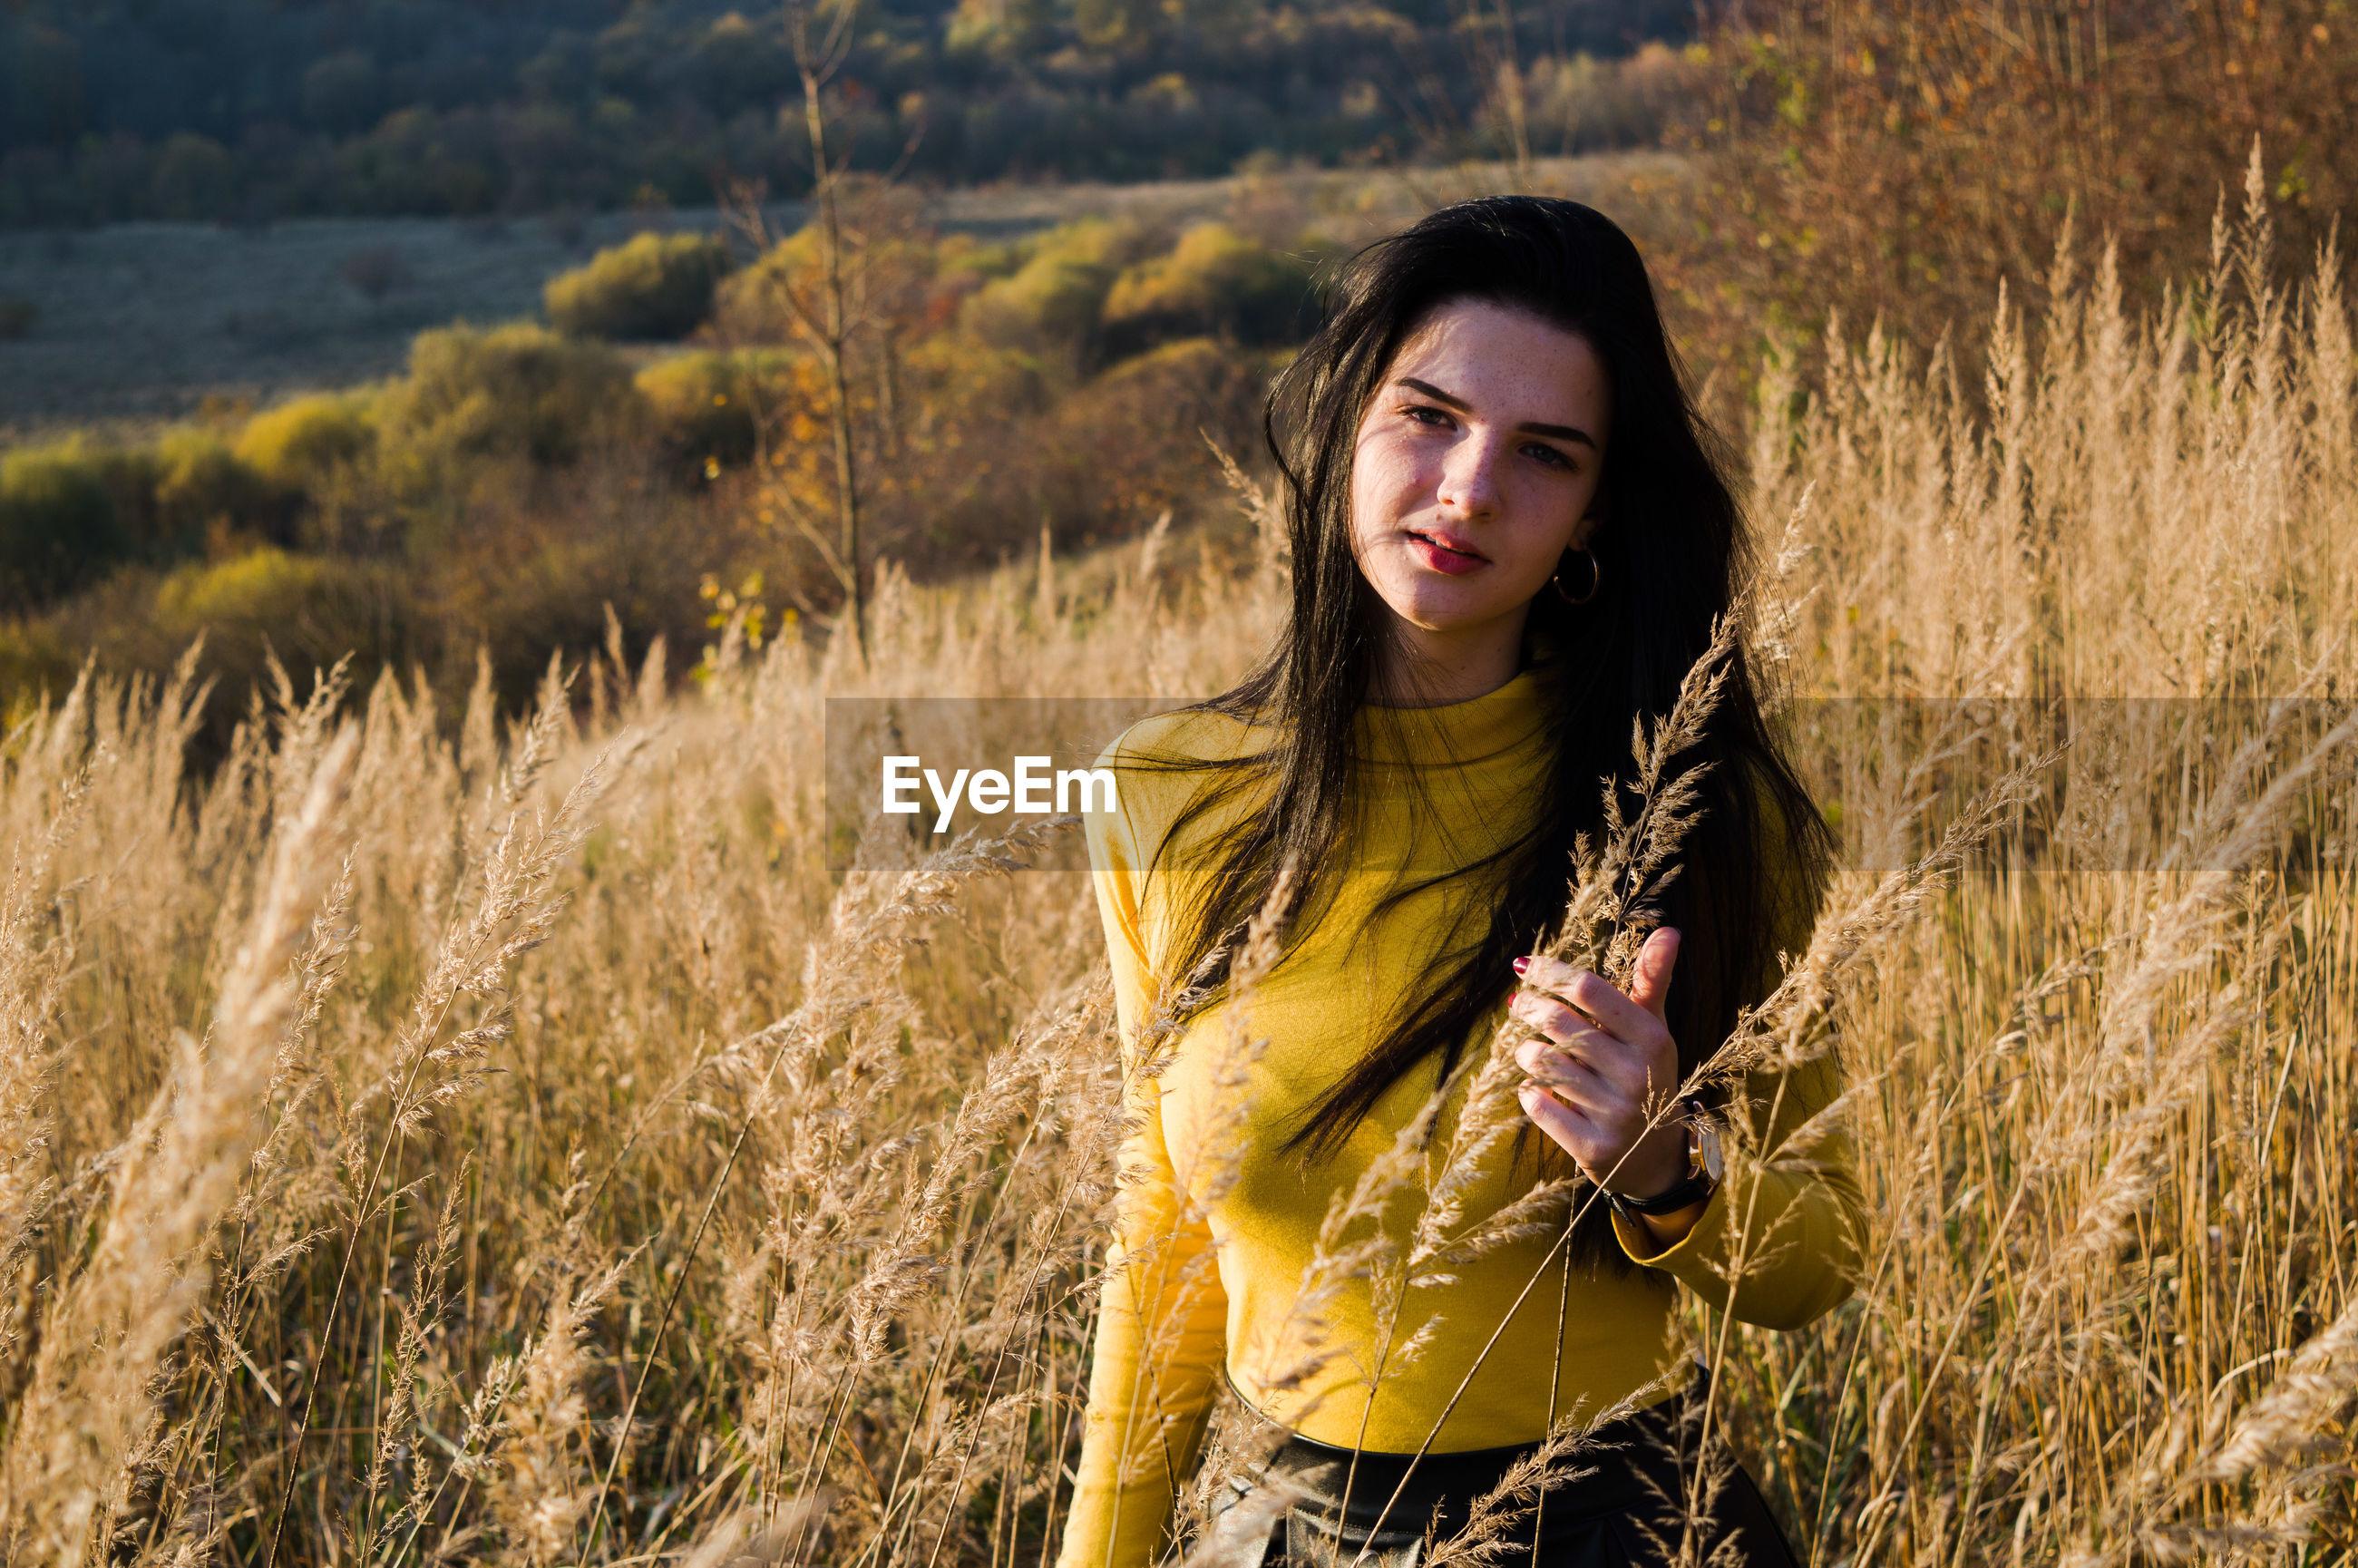 Portrait of beautiful woman amidst plants on field